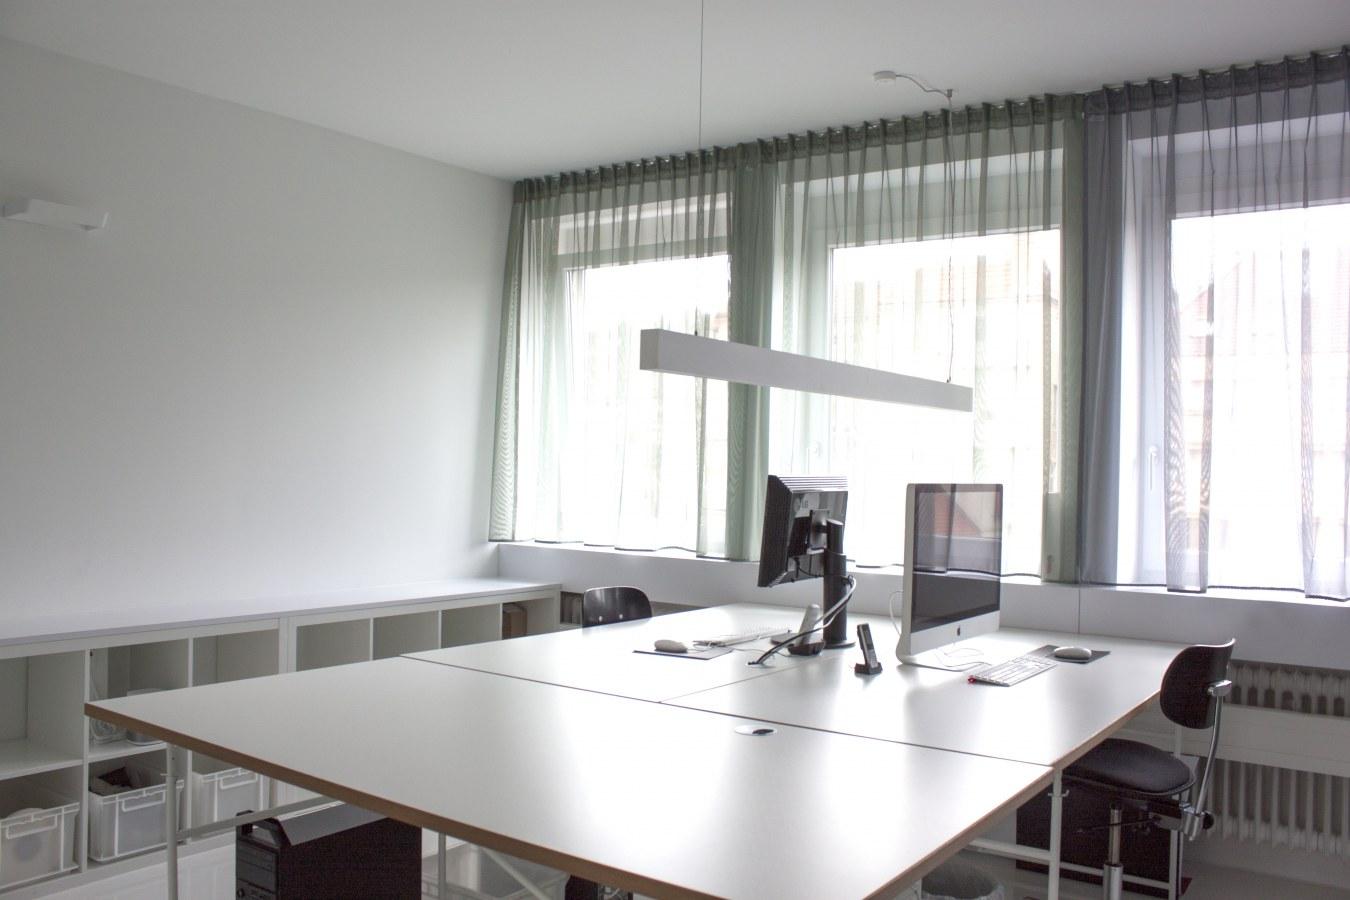 Isabell-Ehring-Innenarchitektur-Stuttgart---Umbau-Buero-DFROST-5.jpg